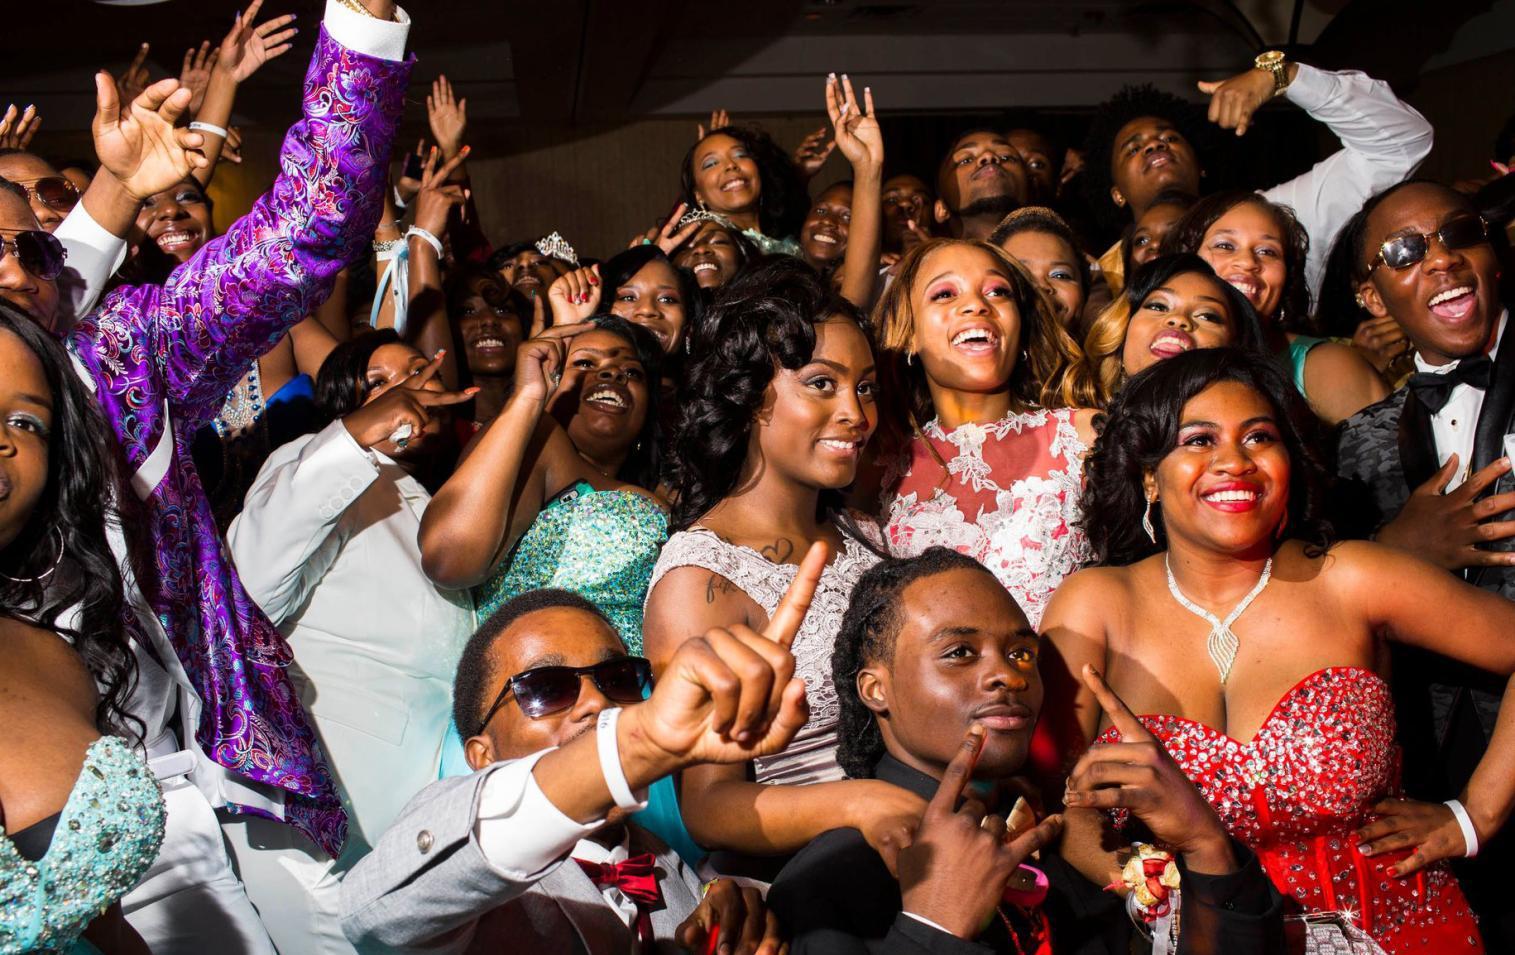 长春失业率最高城市的高中生毕业舞:派对富二代办仿佛美国2016成绩高中图片